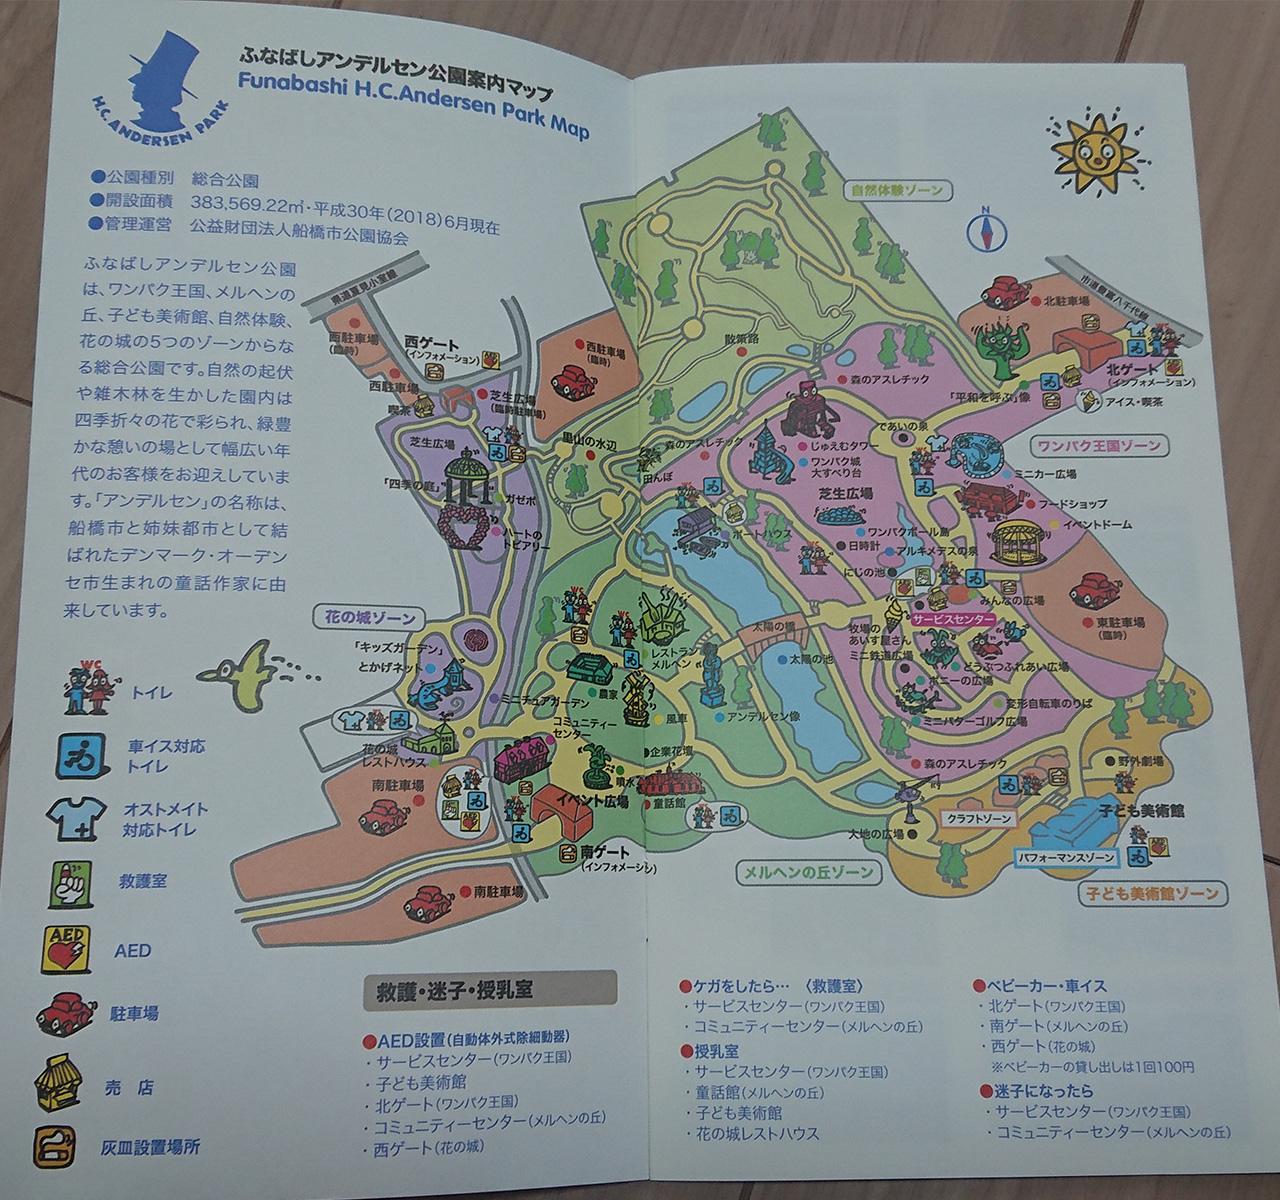 ふなばしアンデルセン公園のガイドマップの写真